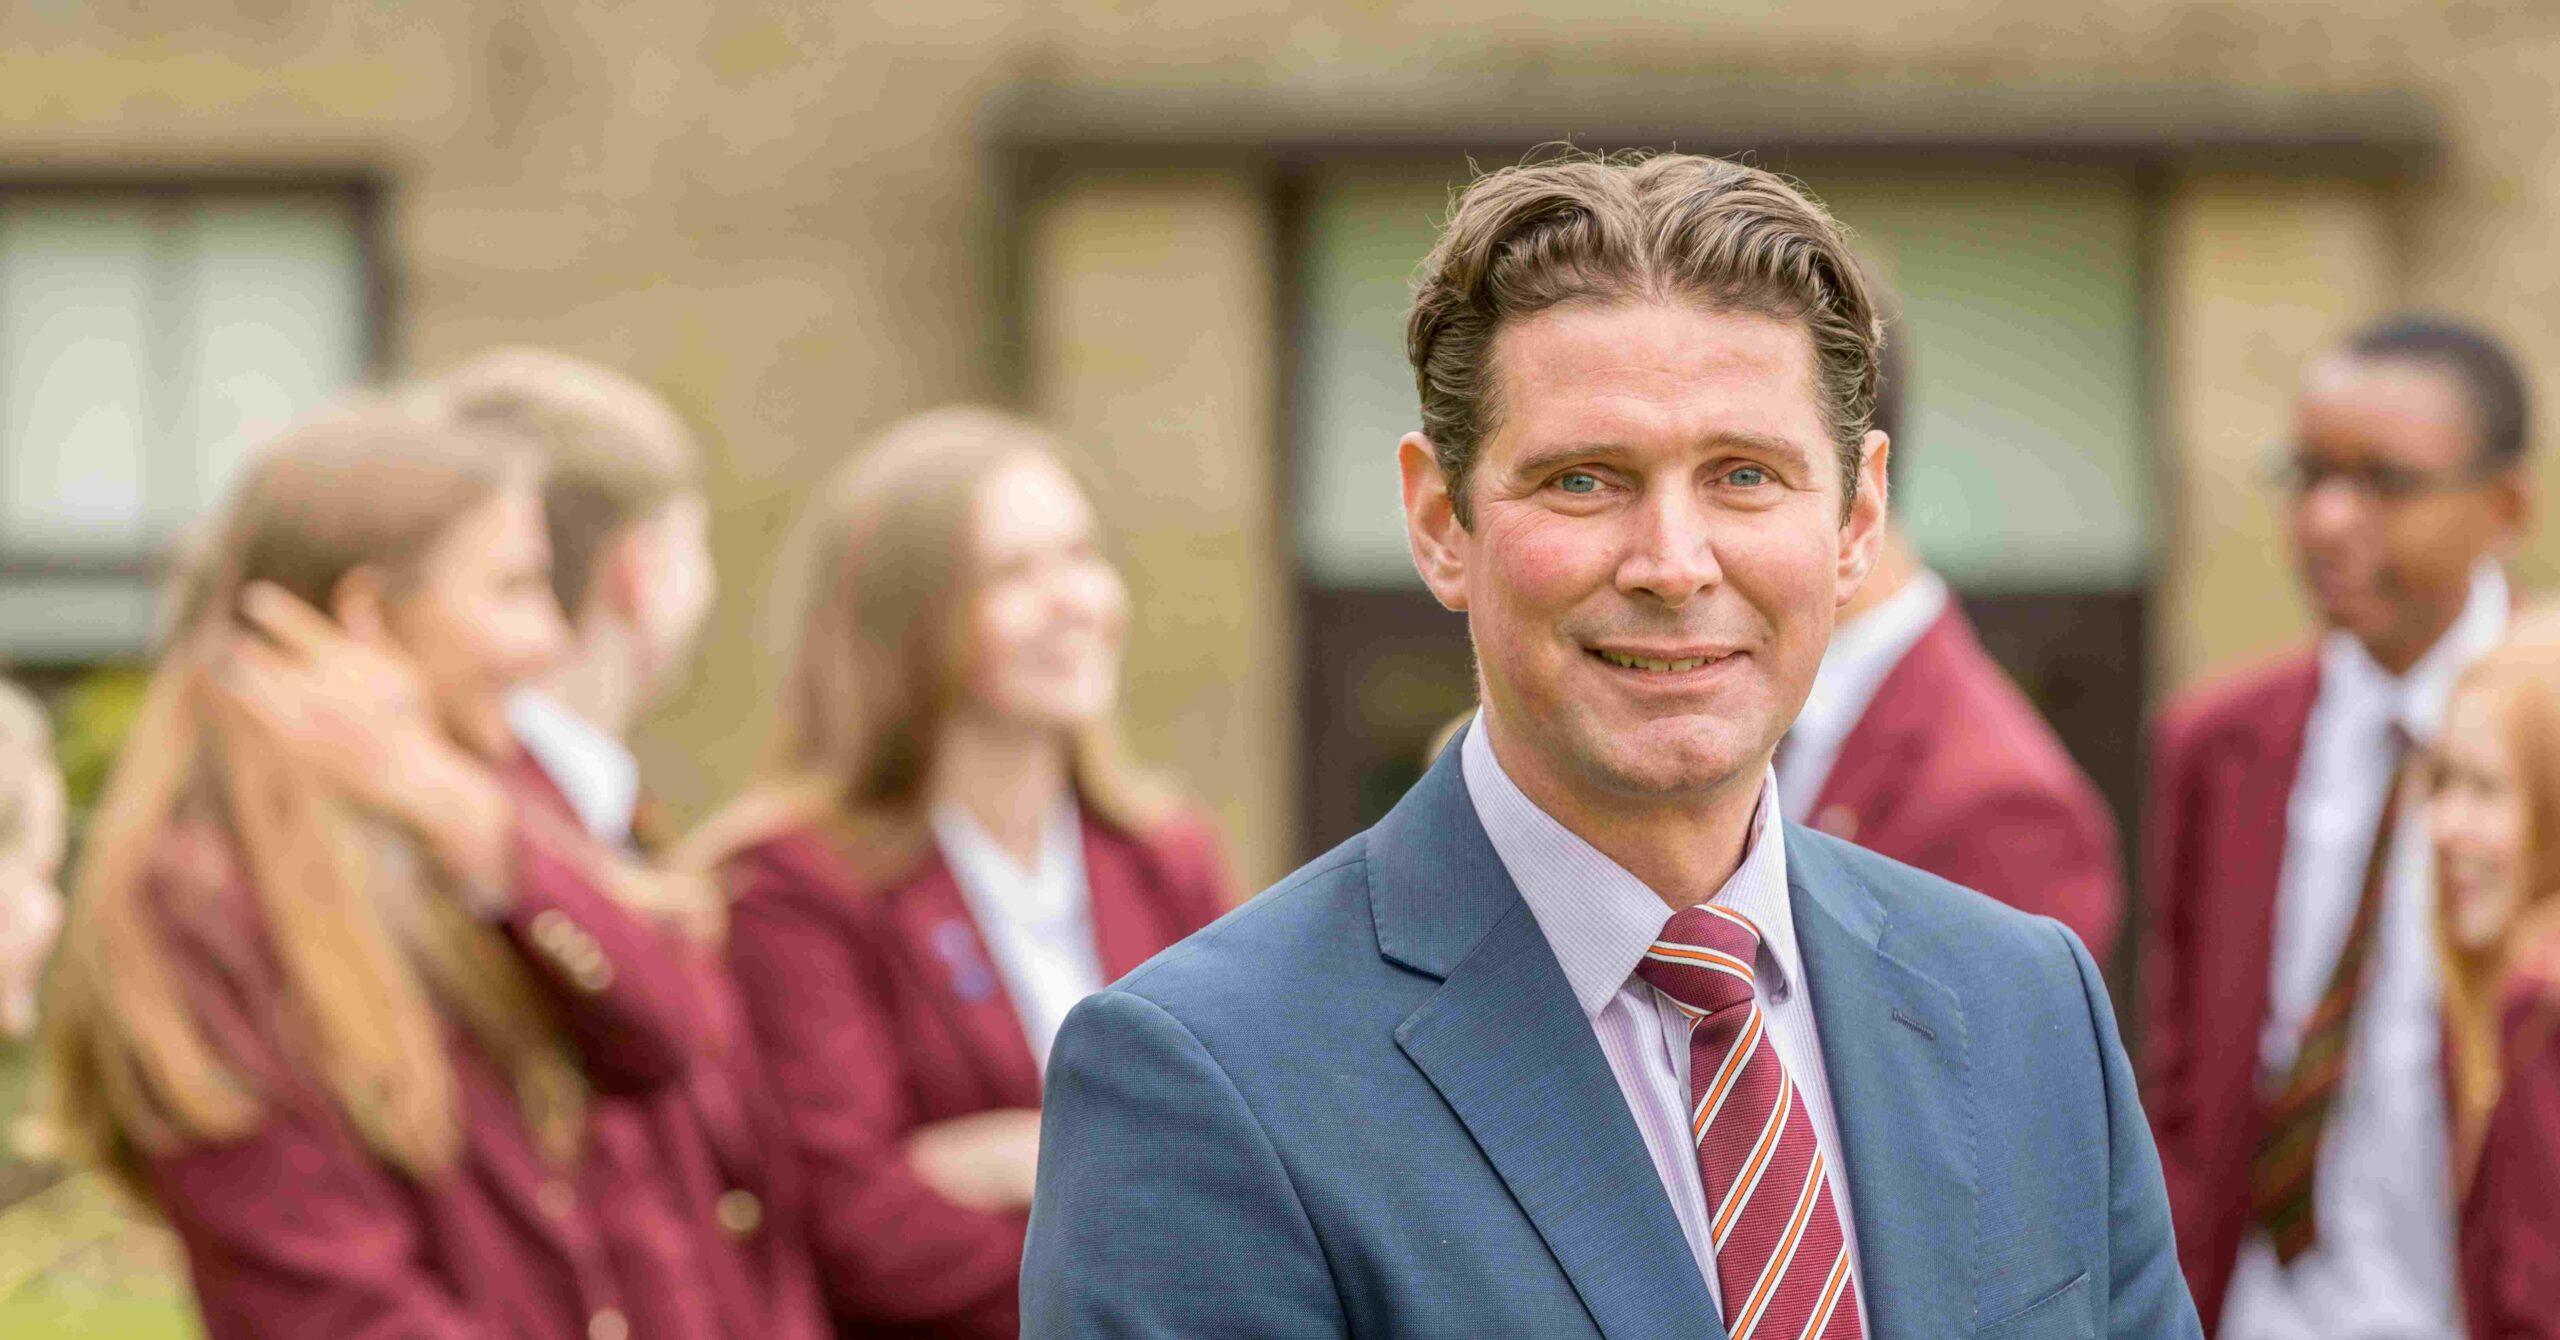 Ashville College Headmaster dies of cancer aged 48